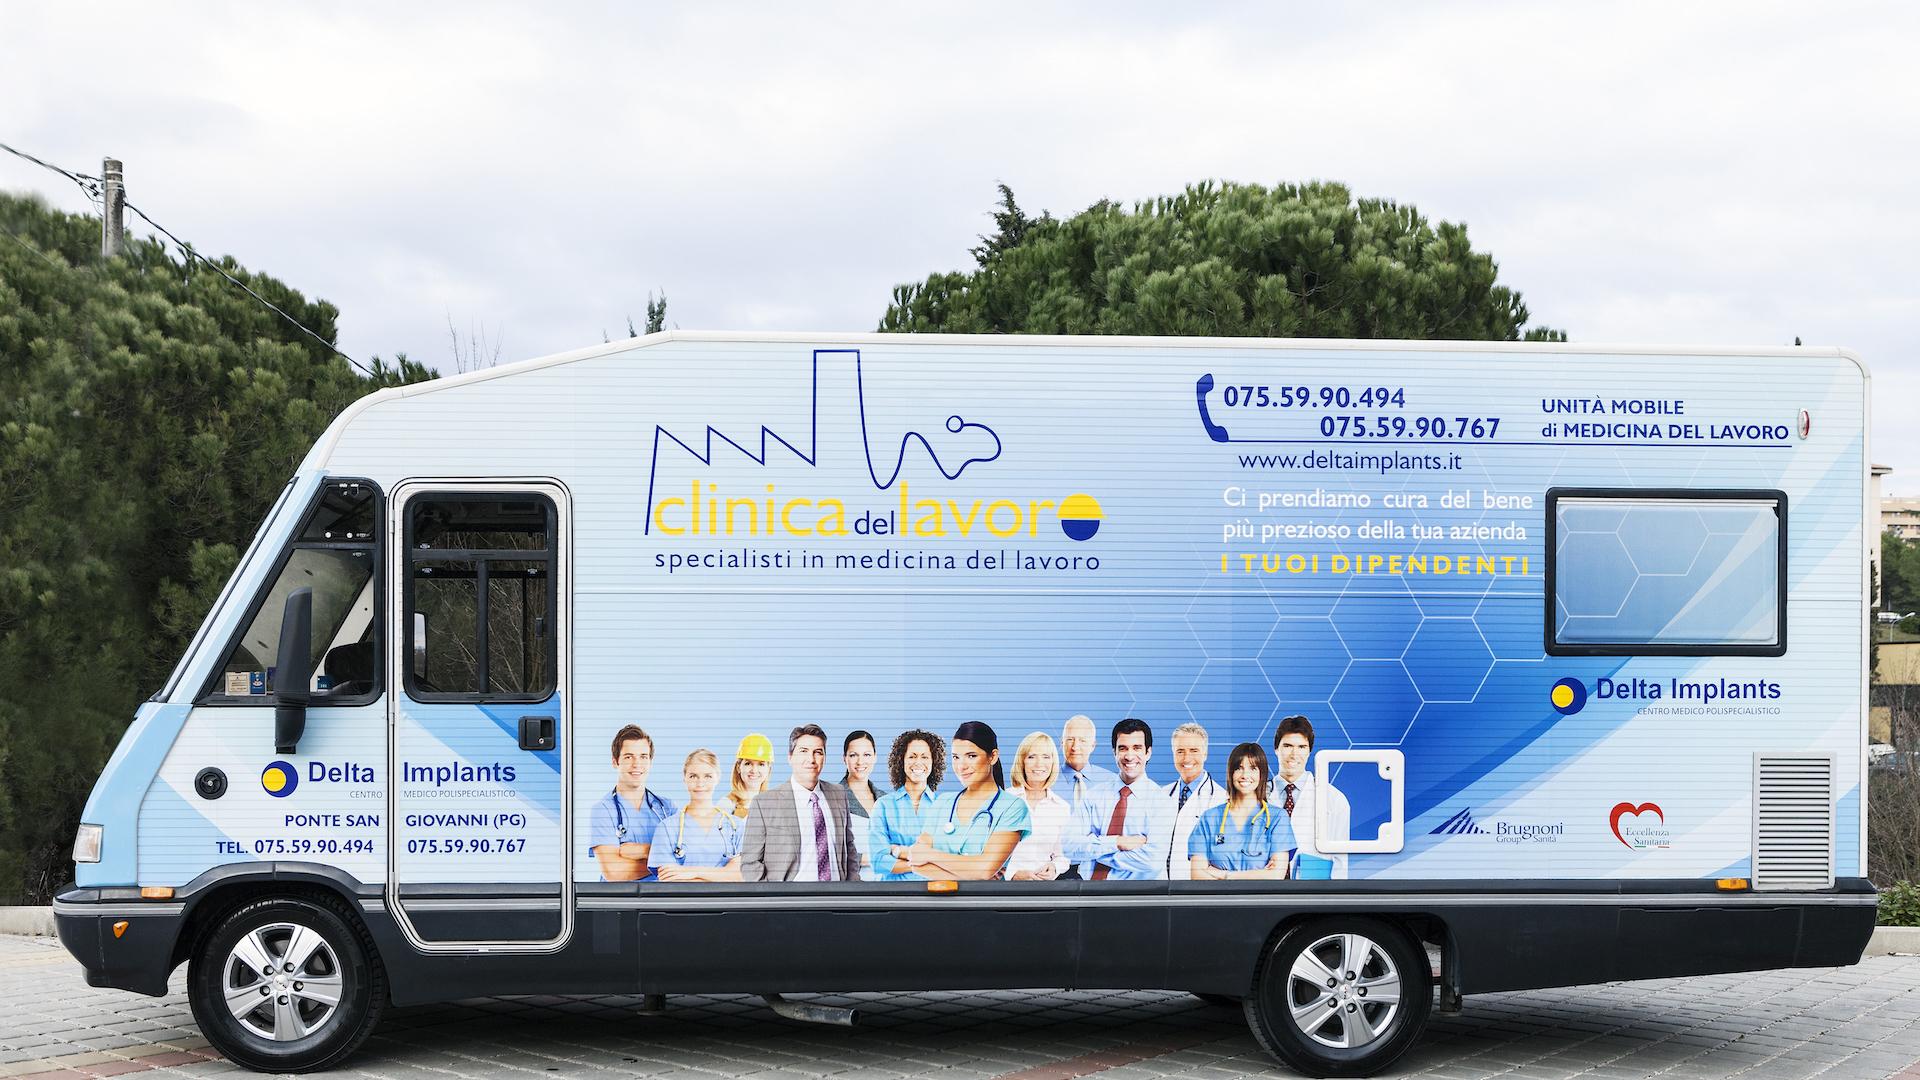 Brugnoni Group Sanita - Medicina del lavoro